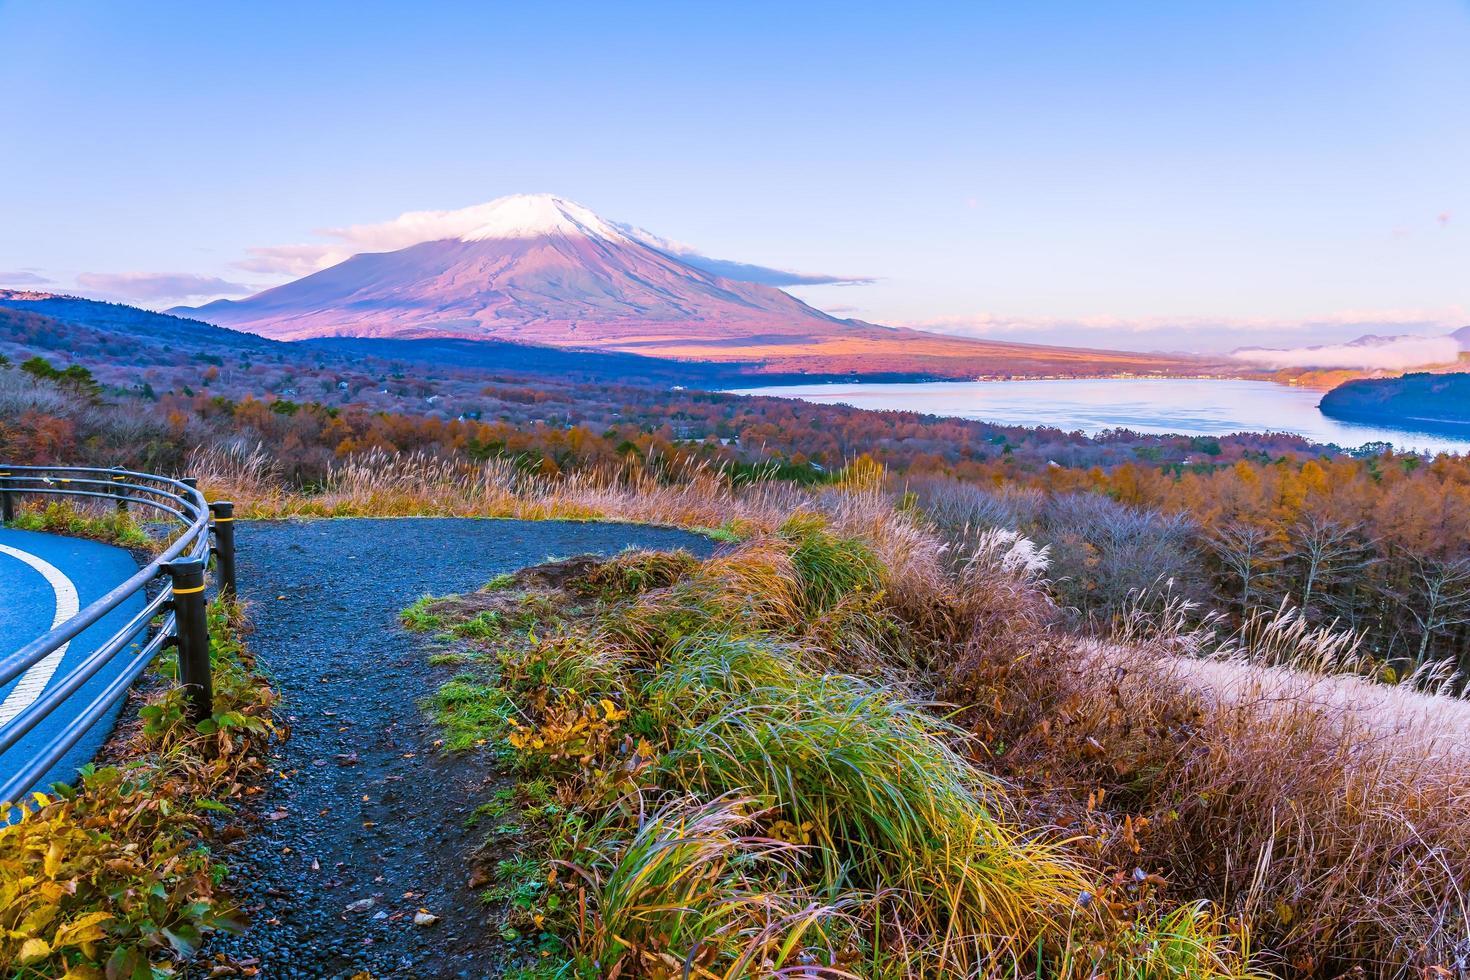 vacker utsikt över mt. fuji vid sjön yamanakako, japan foto